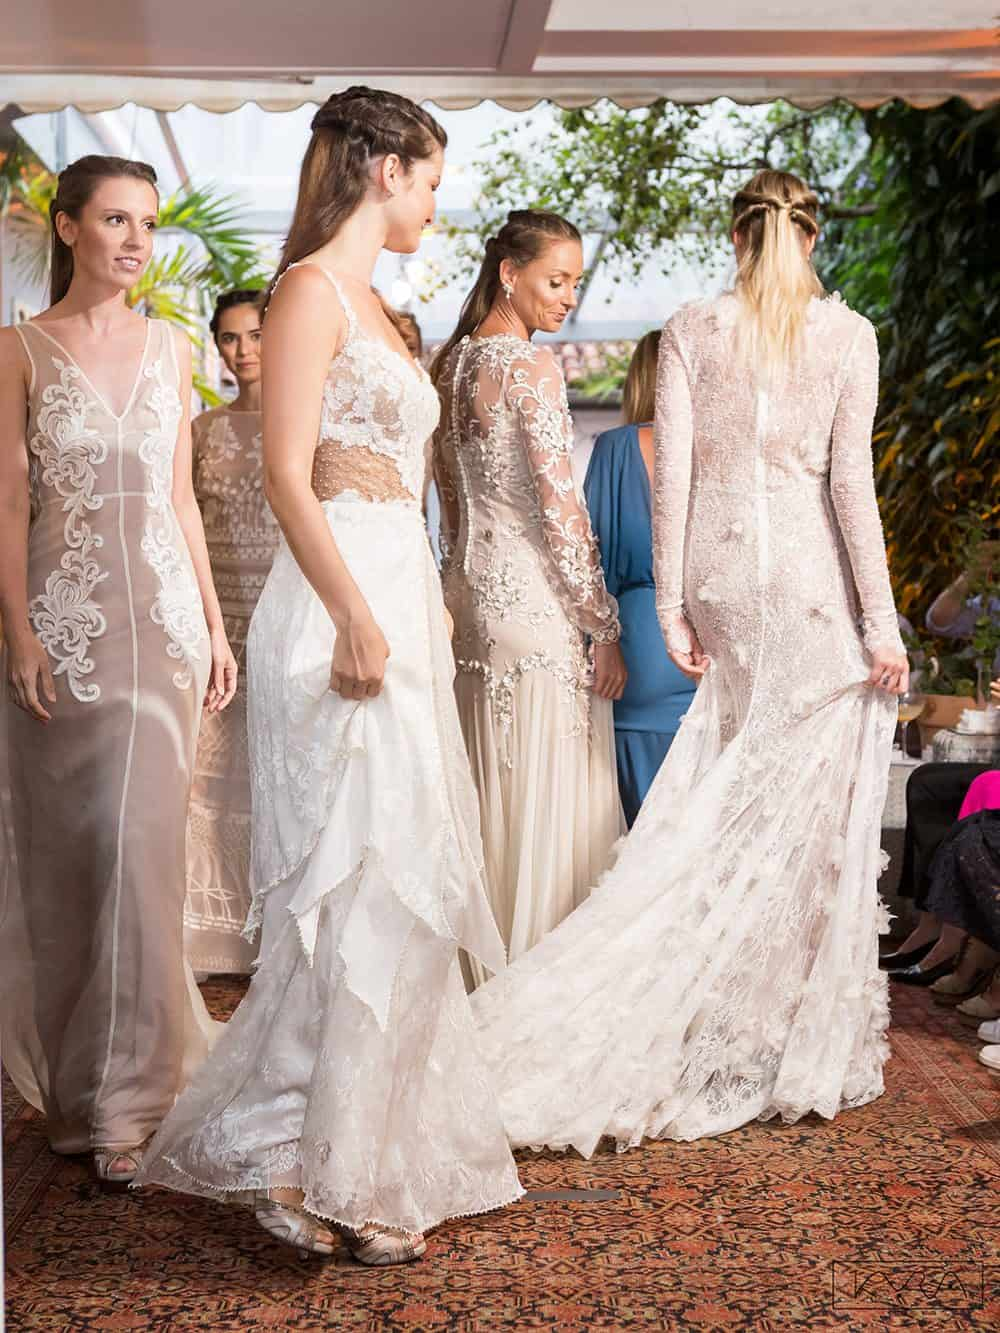 desfile-vestido-de-noiva-entardecer-julia-golldenzon-foto-kyra-mirsky-05